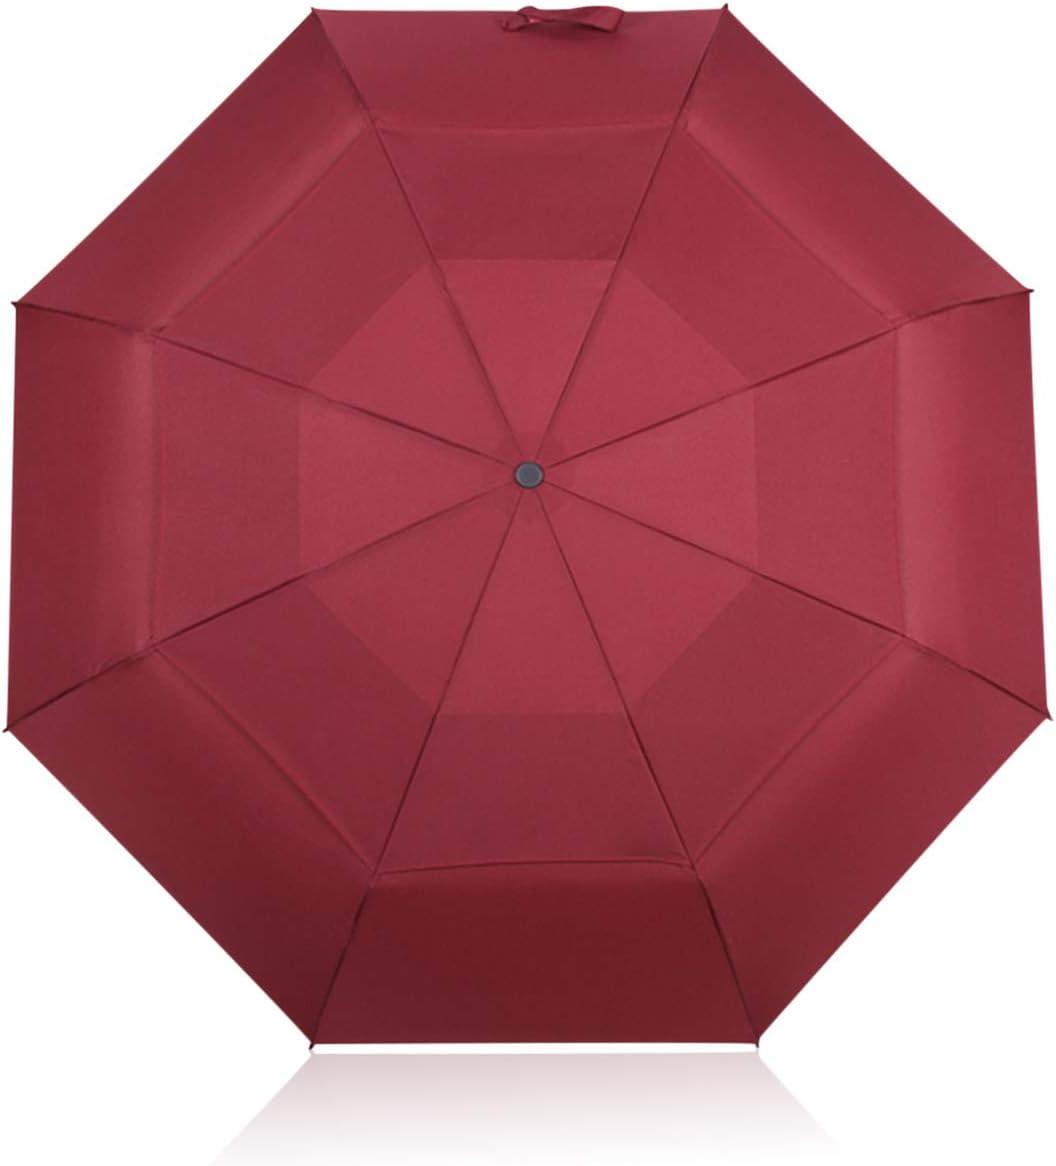 DORRISO Automático Abrir/Cerrar Paraguas Plegable Viajar Dosel Doble Construcción y Resistente al Viento Impermeable 8 Varillas Reforzadas Mujer Hombre Compacto Viajar Paraguas Rojo